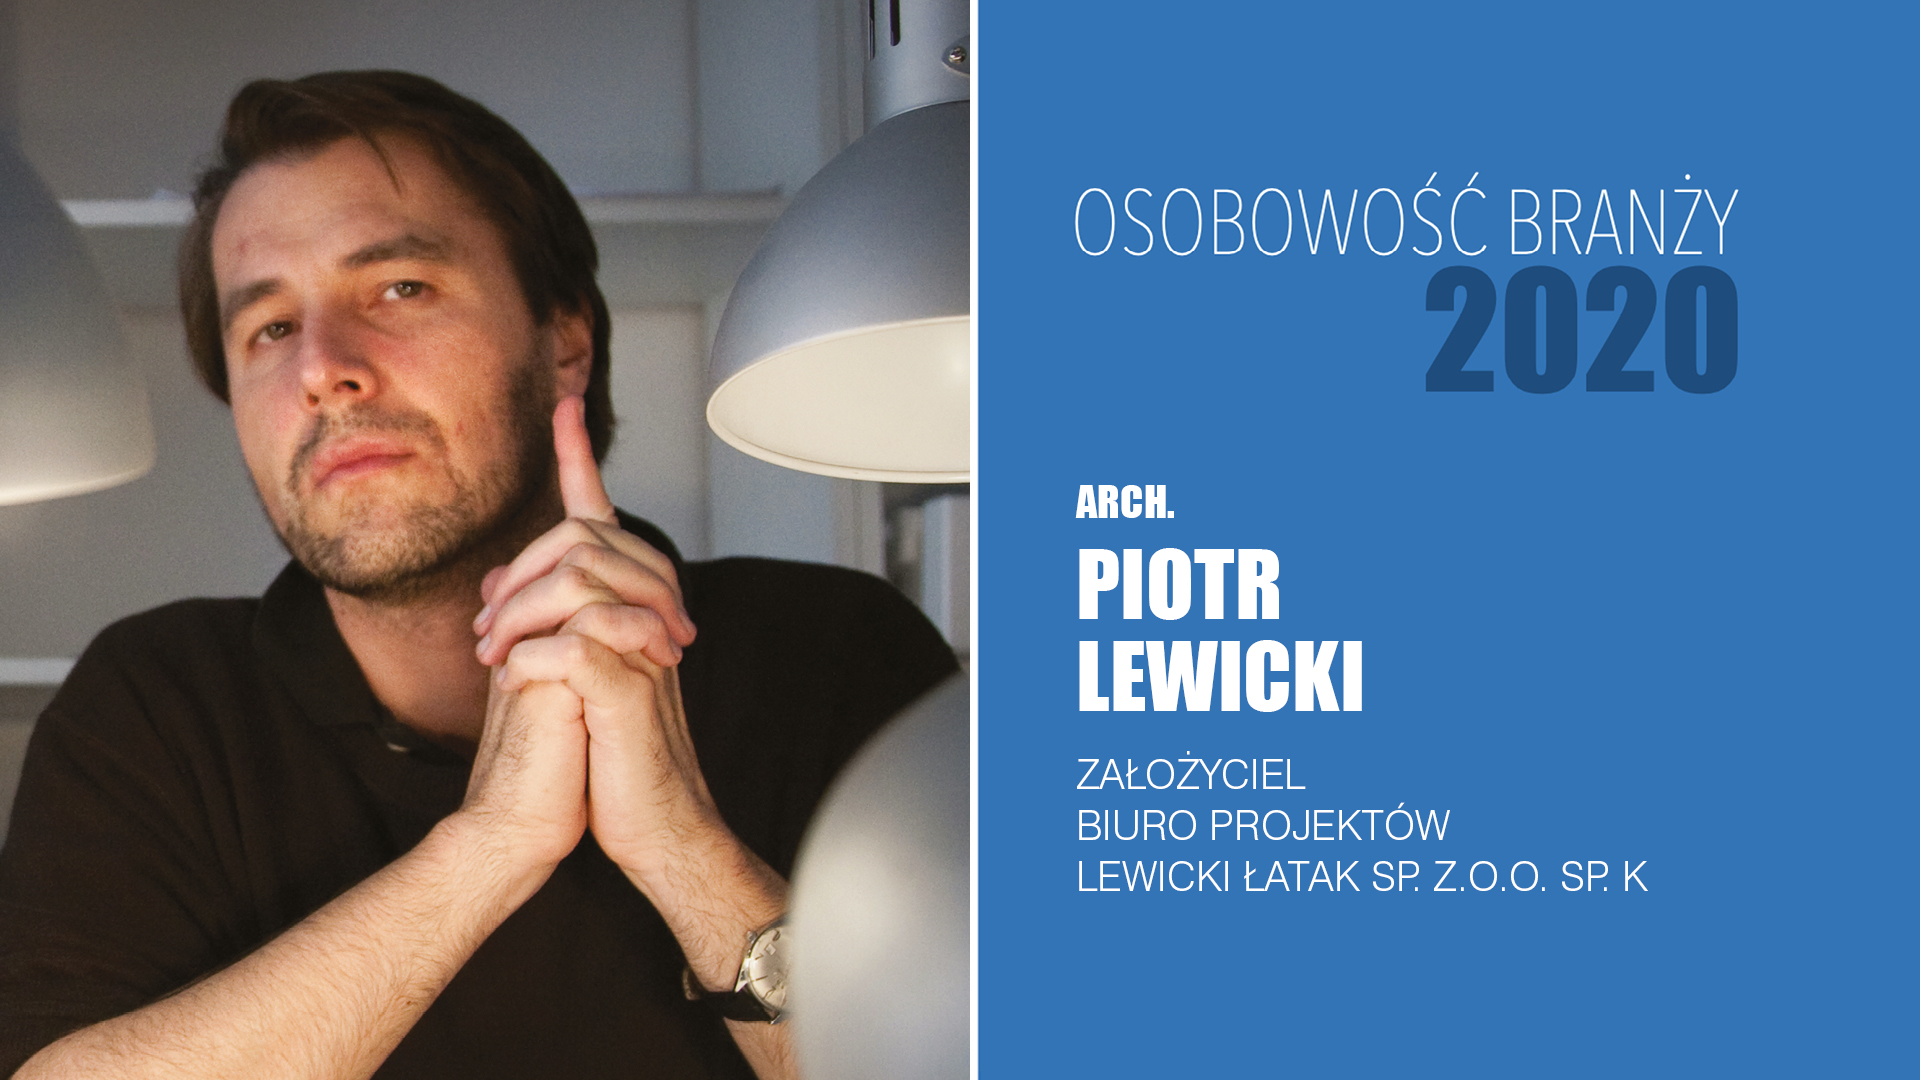 Piotr Lewicki – Osobowość Branży 2020